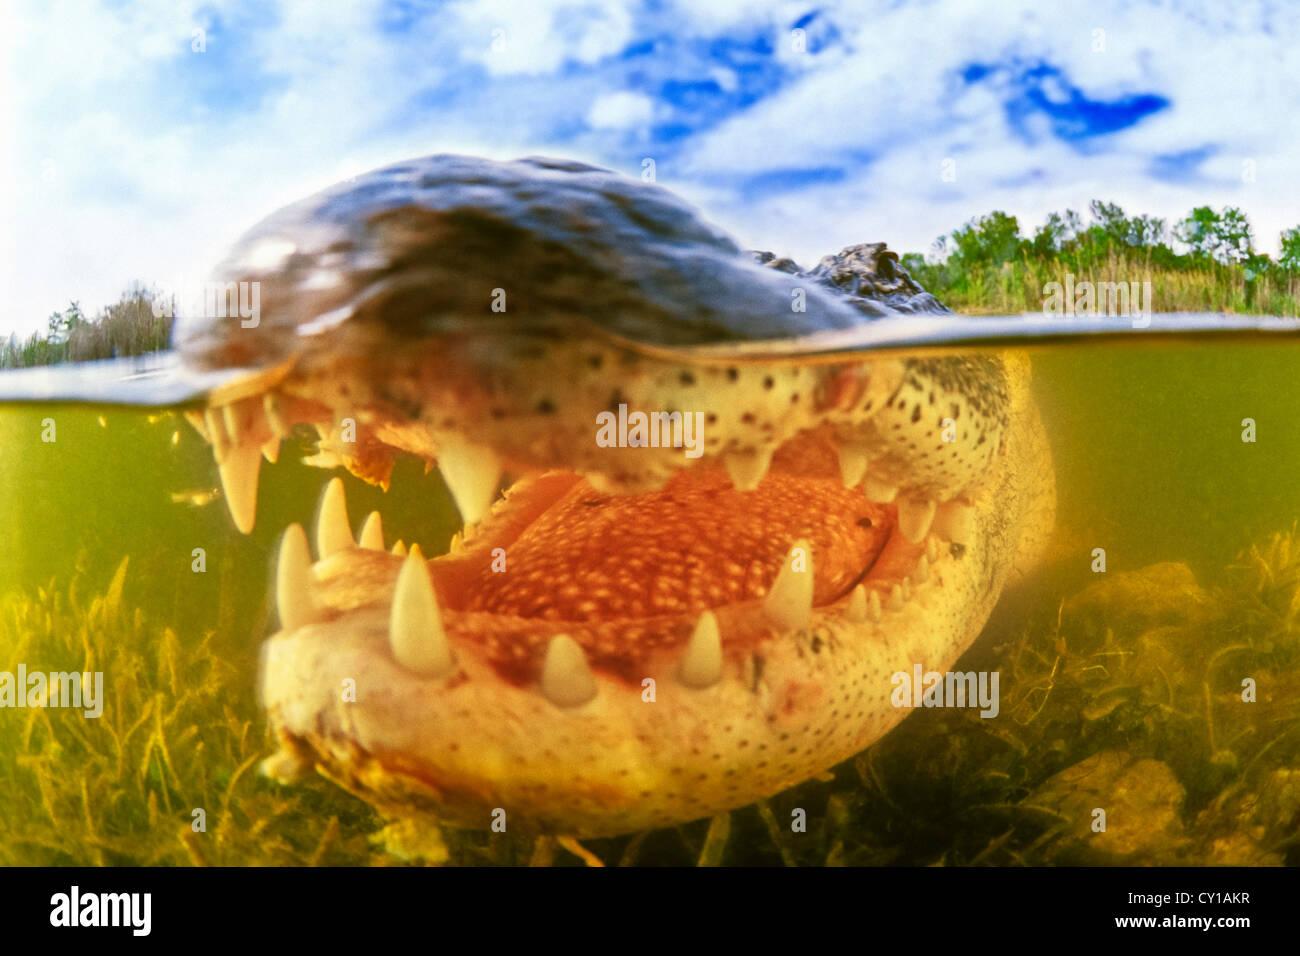 Amerikanischer Alligator, Alligator Mississippiensis, Everglades-Nationalpark, Florida, USA Stockbild